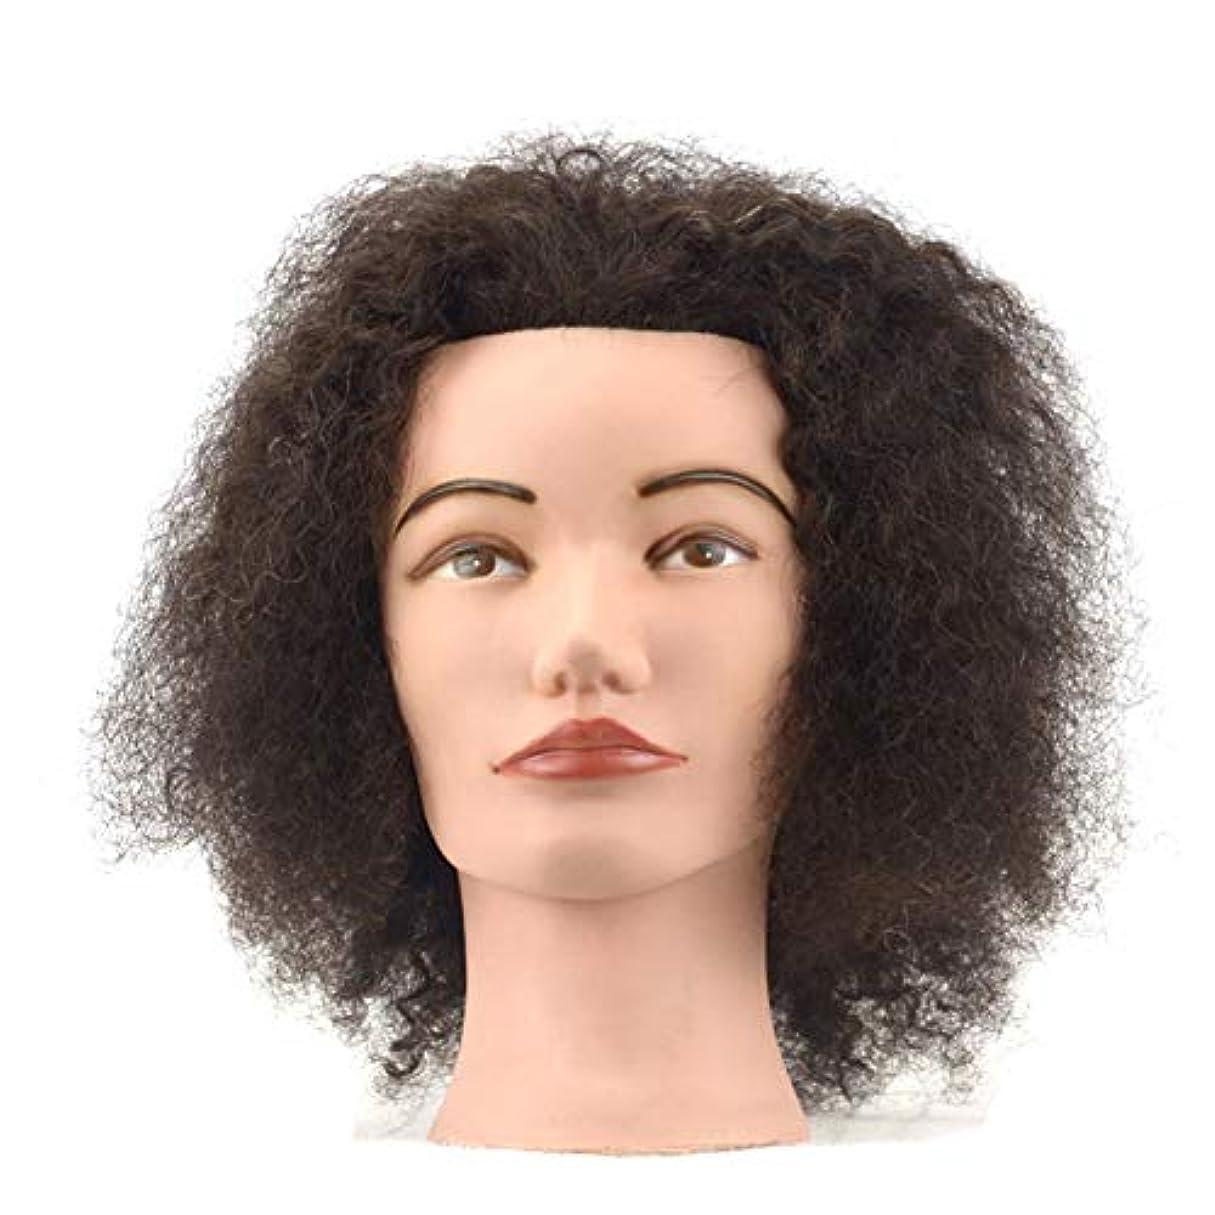 告白するバンそれにもかかわらずナチュラルブラック爆発カーリーヘッド型リアル人間の髪の毛トレーニングモデルヘッド編組編組演習ダミーヘッド